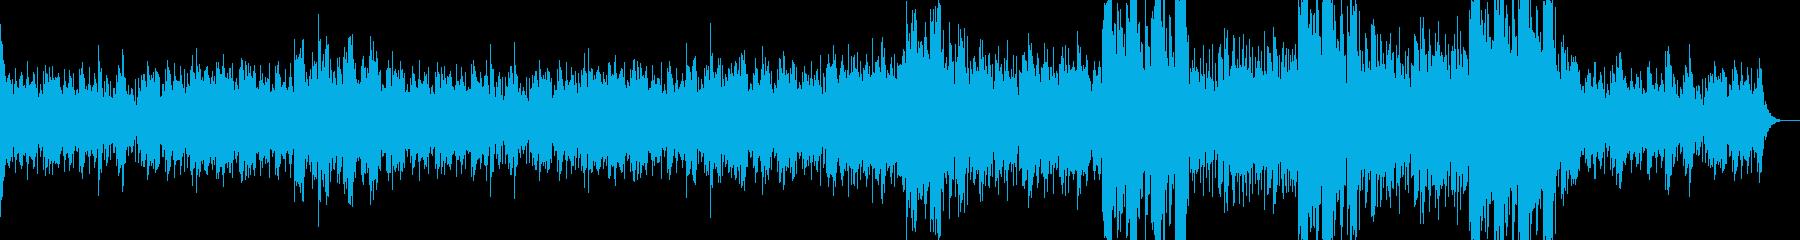 不穏な雰囲気のエスニックサウンドトラックの再生済みの波形